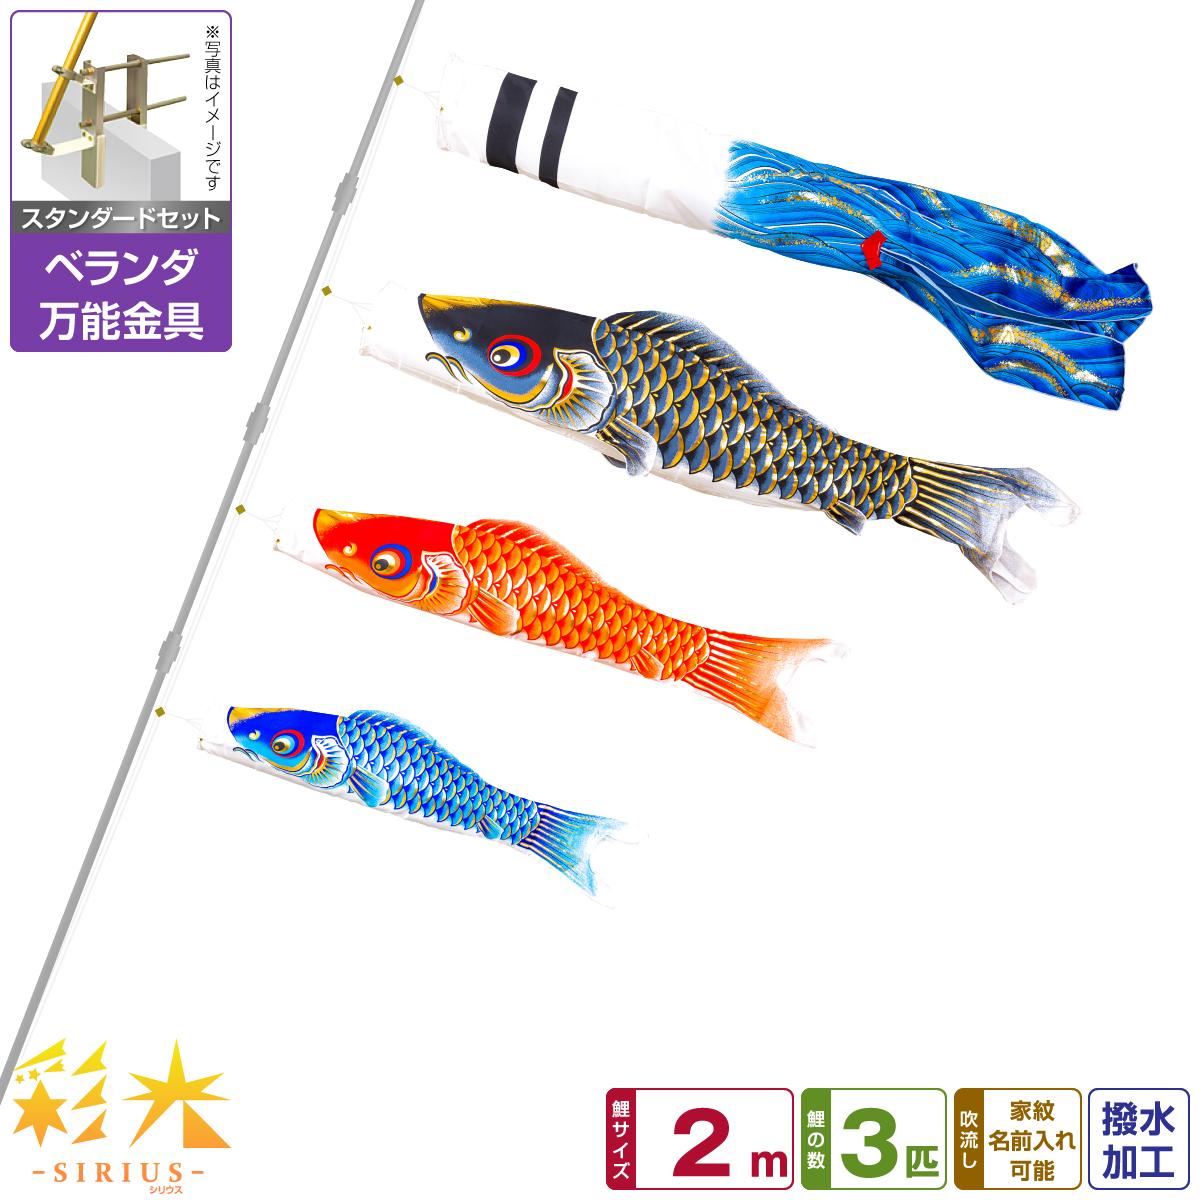 ベランダ用 こいのぼり 鯉のぼり SIRIUS/彩光鯉 2m 6点(吹流し+鯉3匹+矢車+ロープ)/スタンダードセット(万能取付金具)